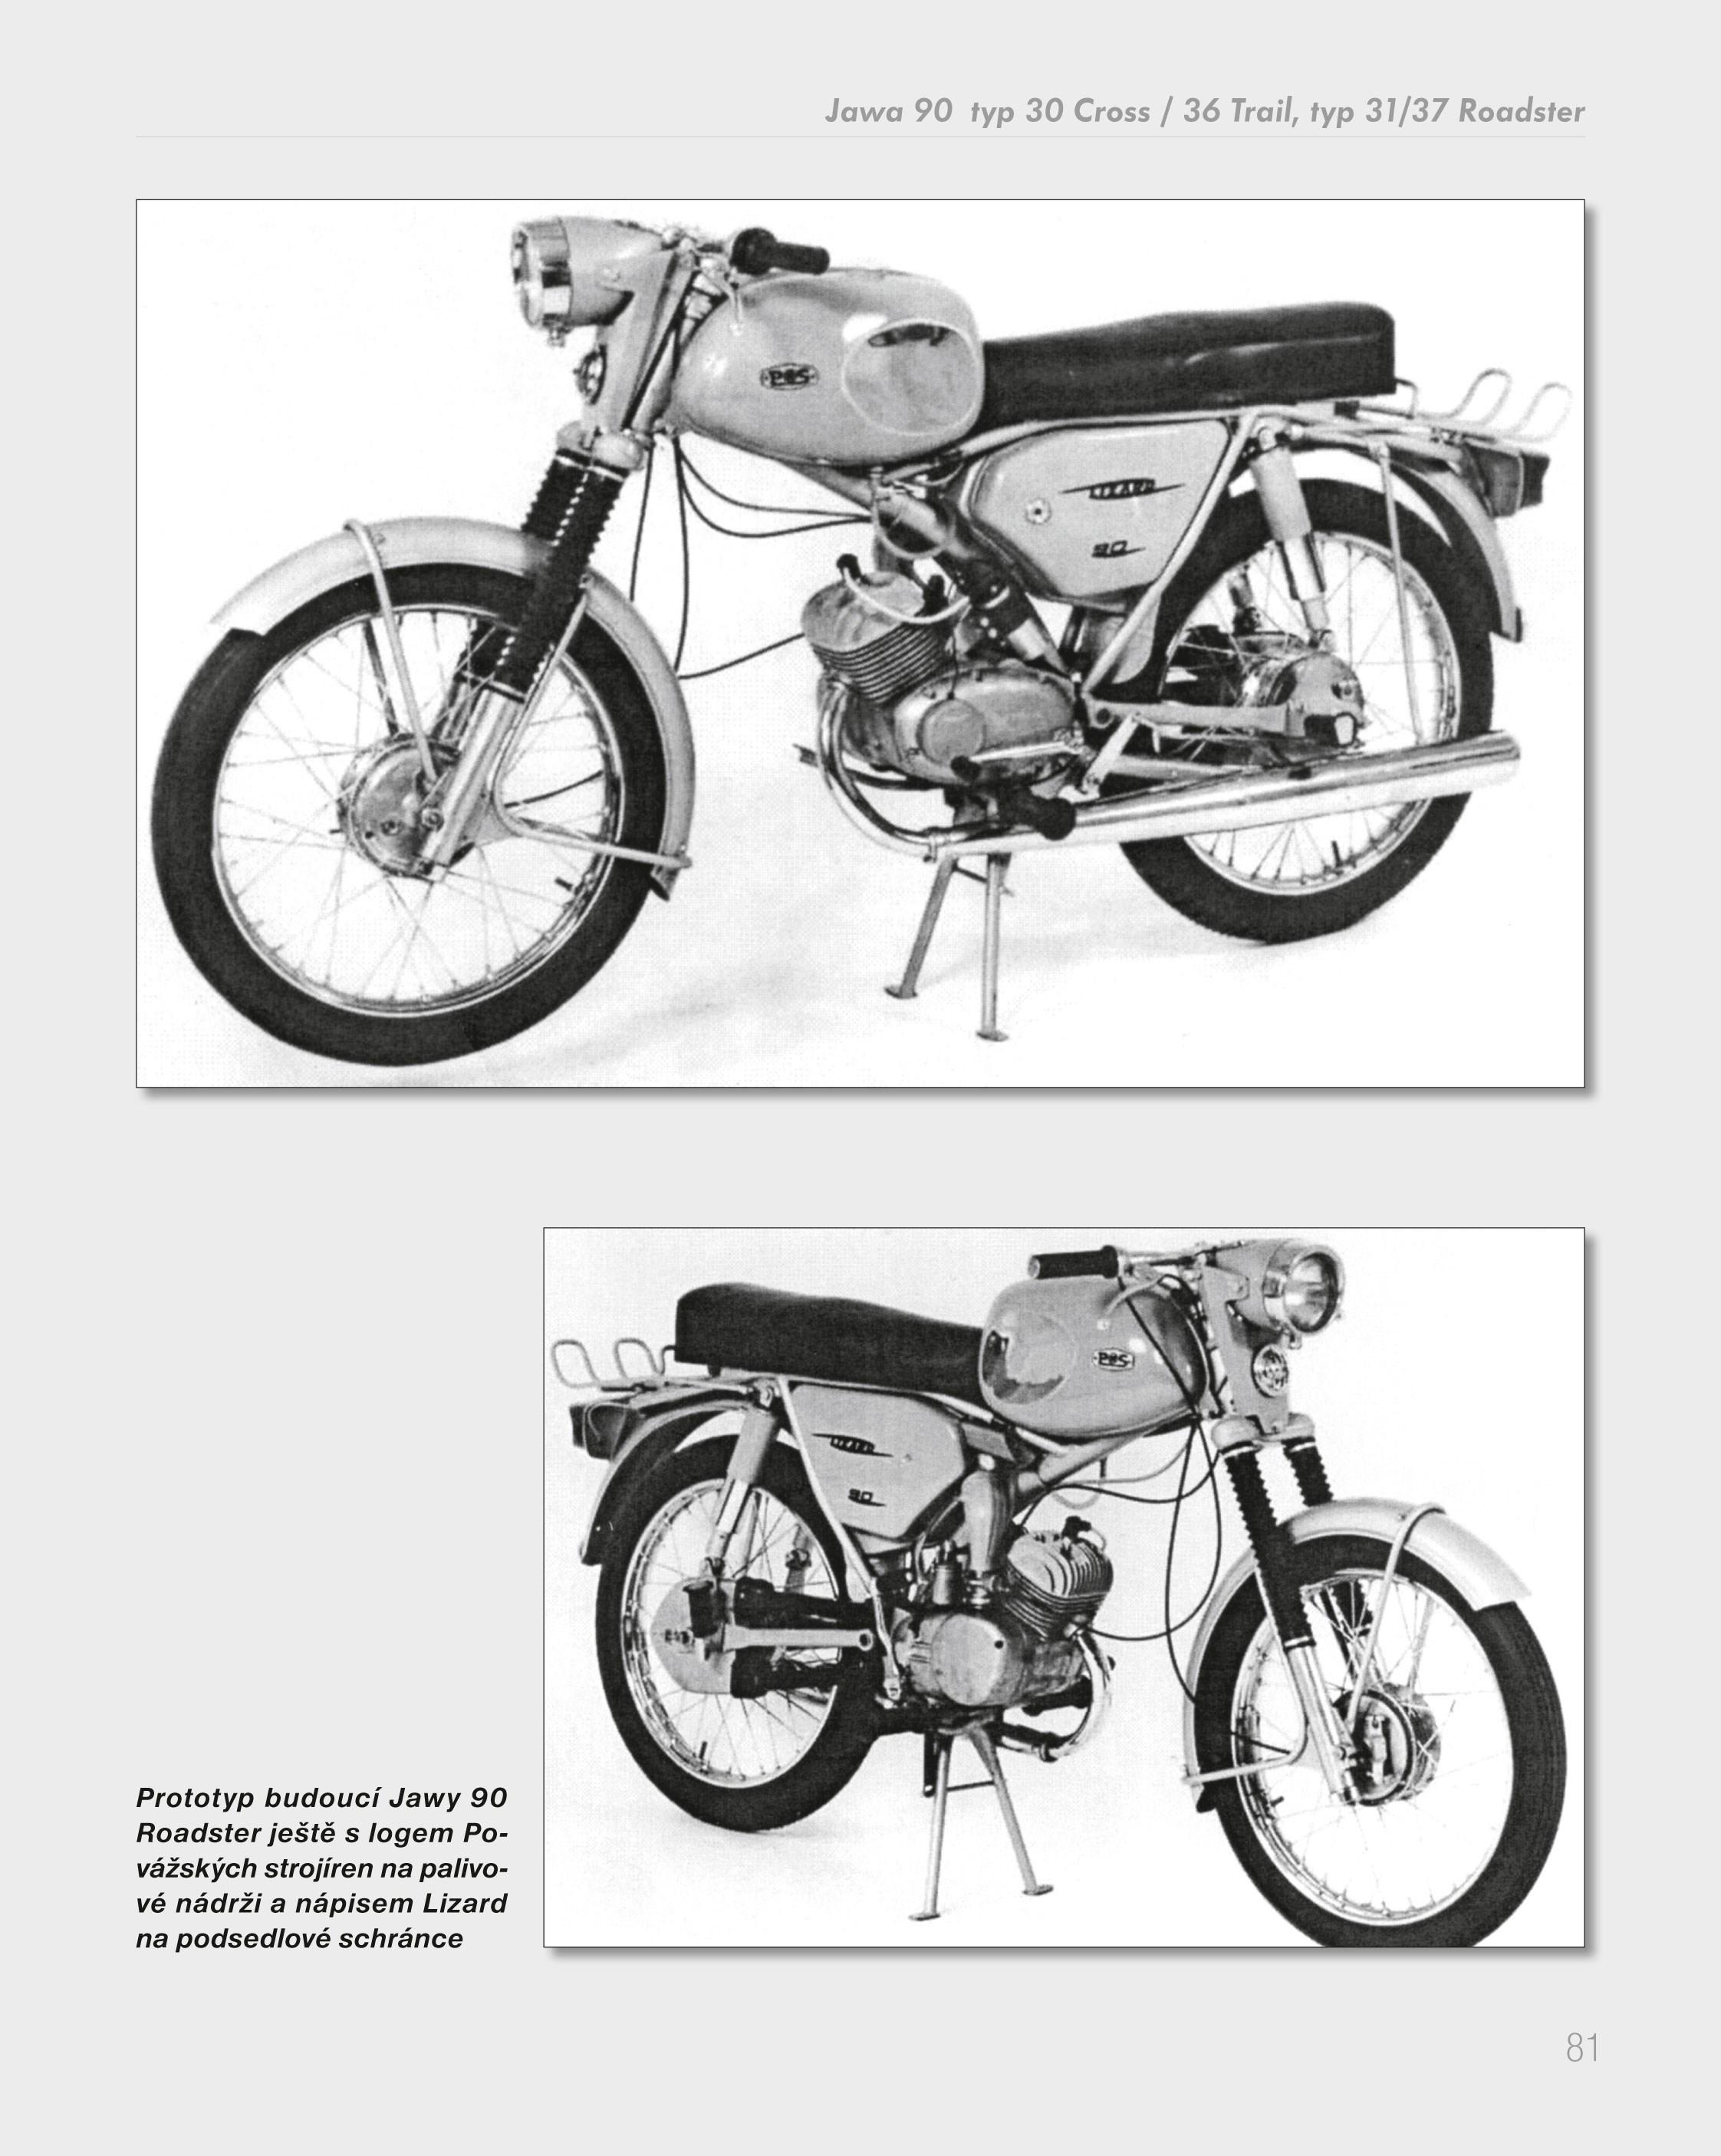 Motocykly Jawa 50 90 Cm3 Albatrosmedia Cz